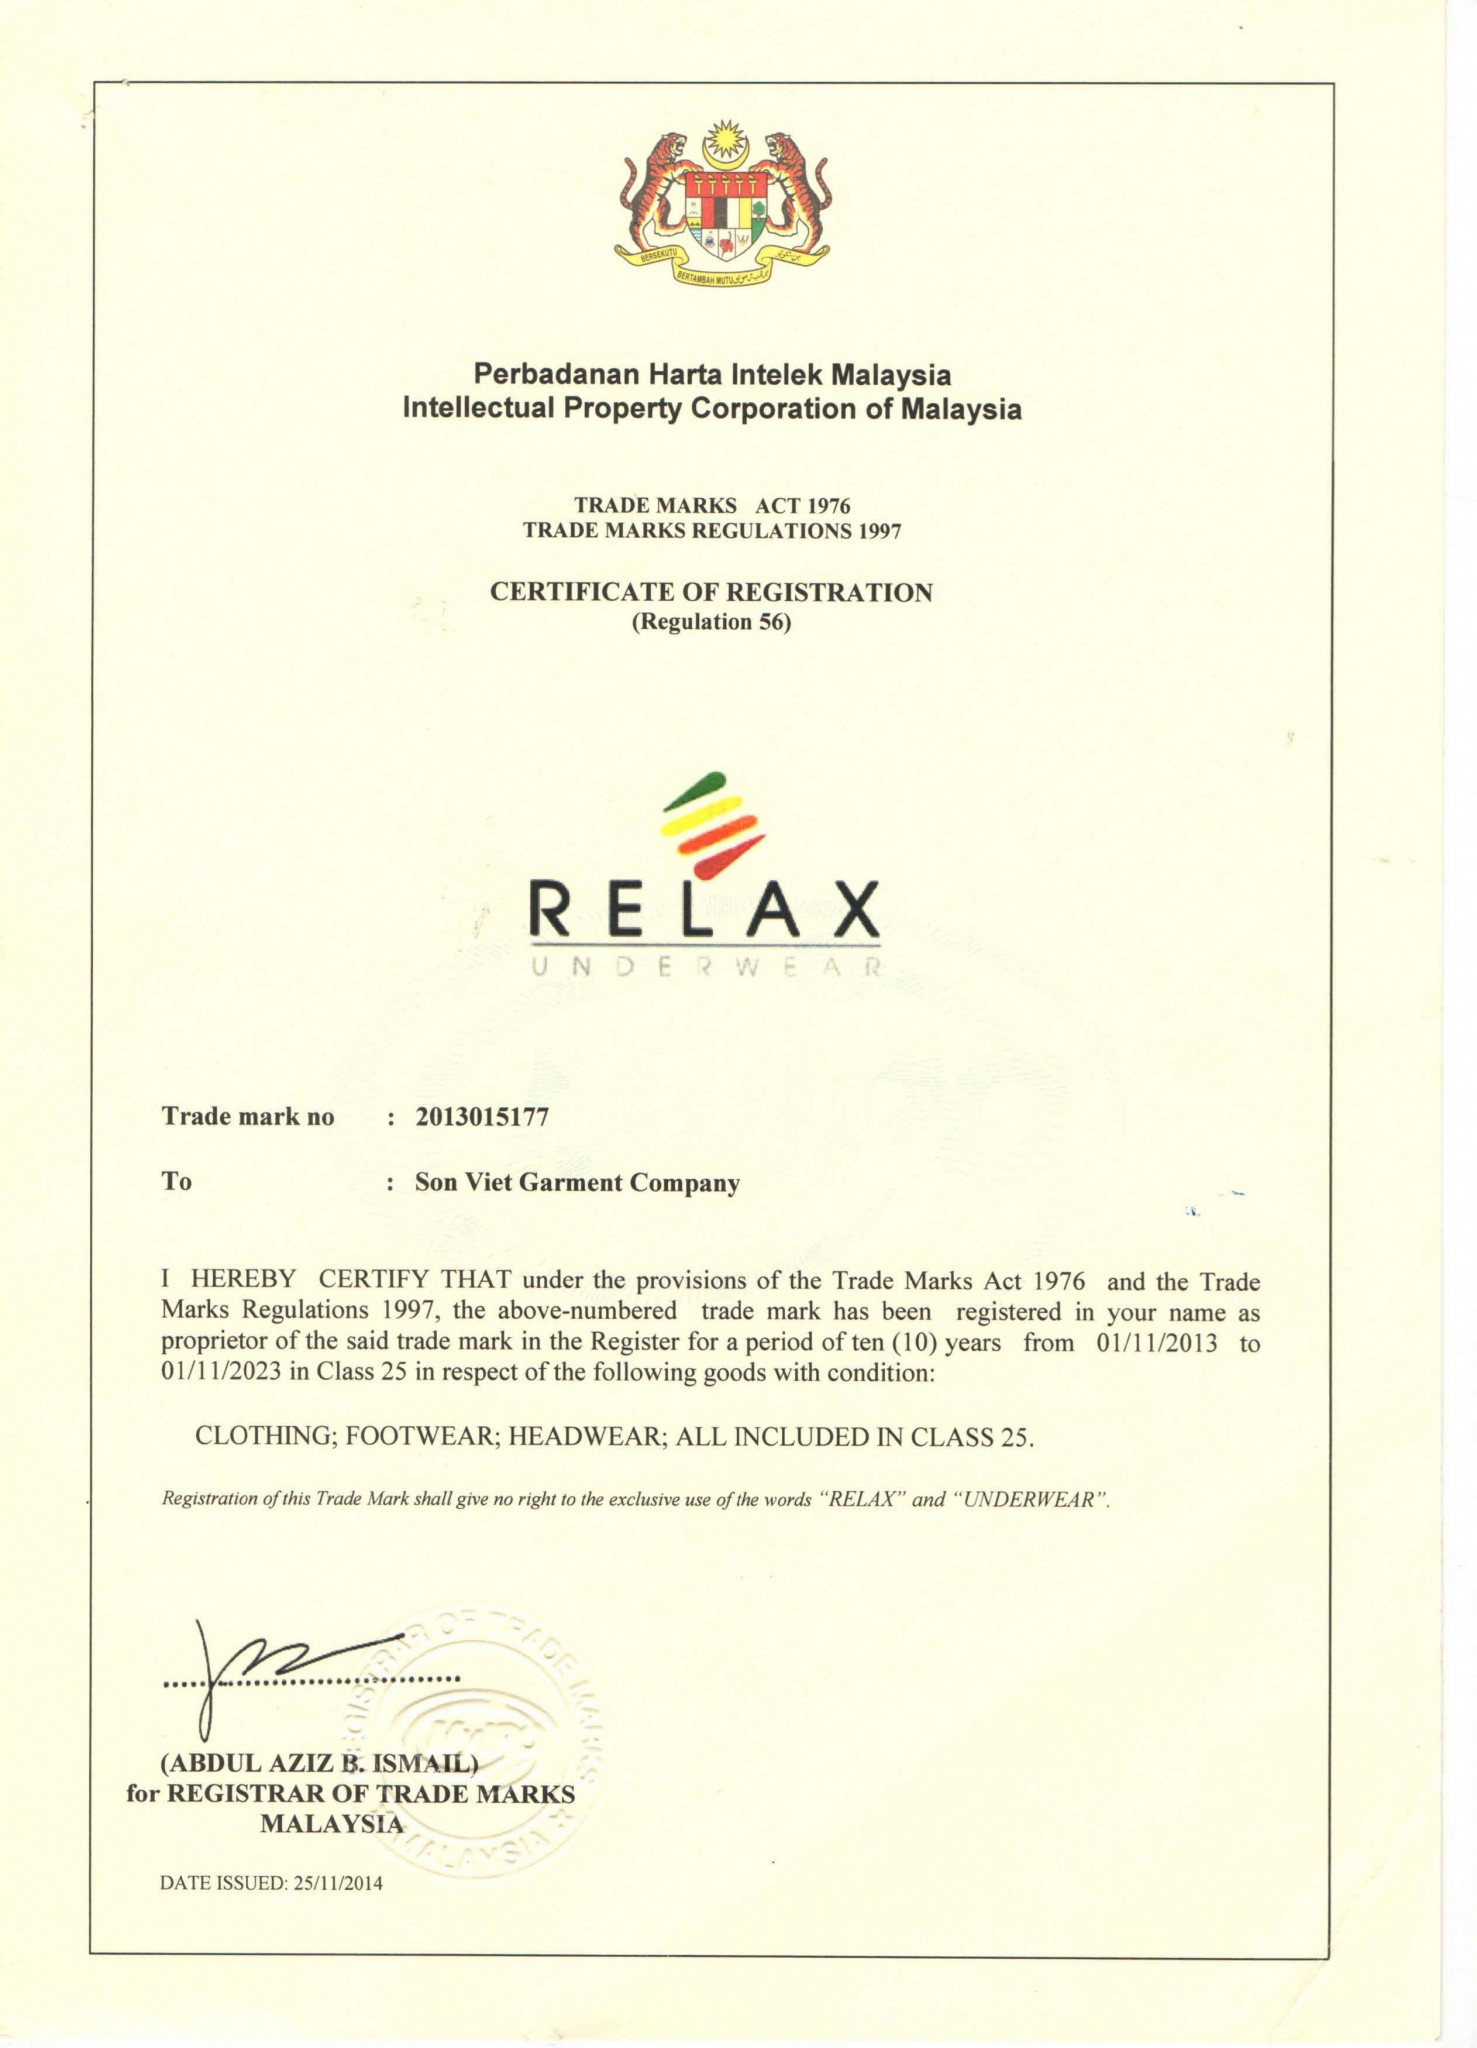 Luật sư SB LAW đăng ký thành công nhãn hiệu cho khách hàng ở Malaysia